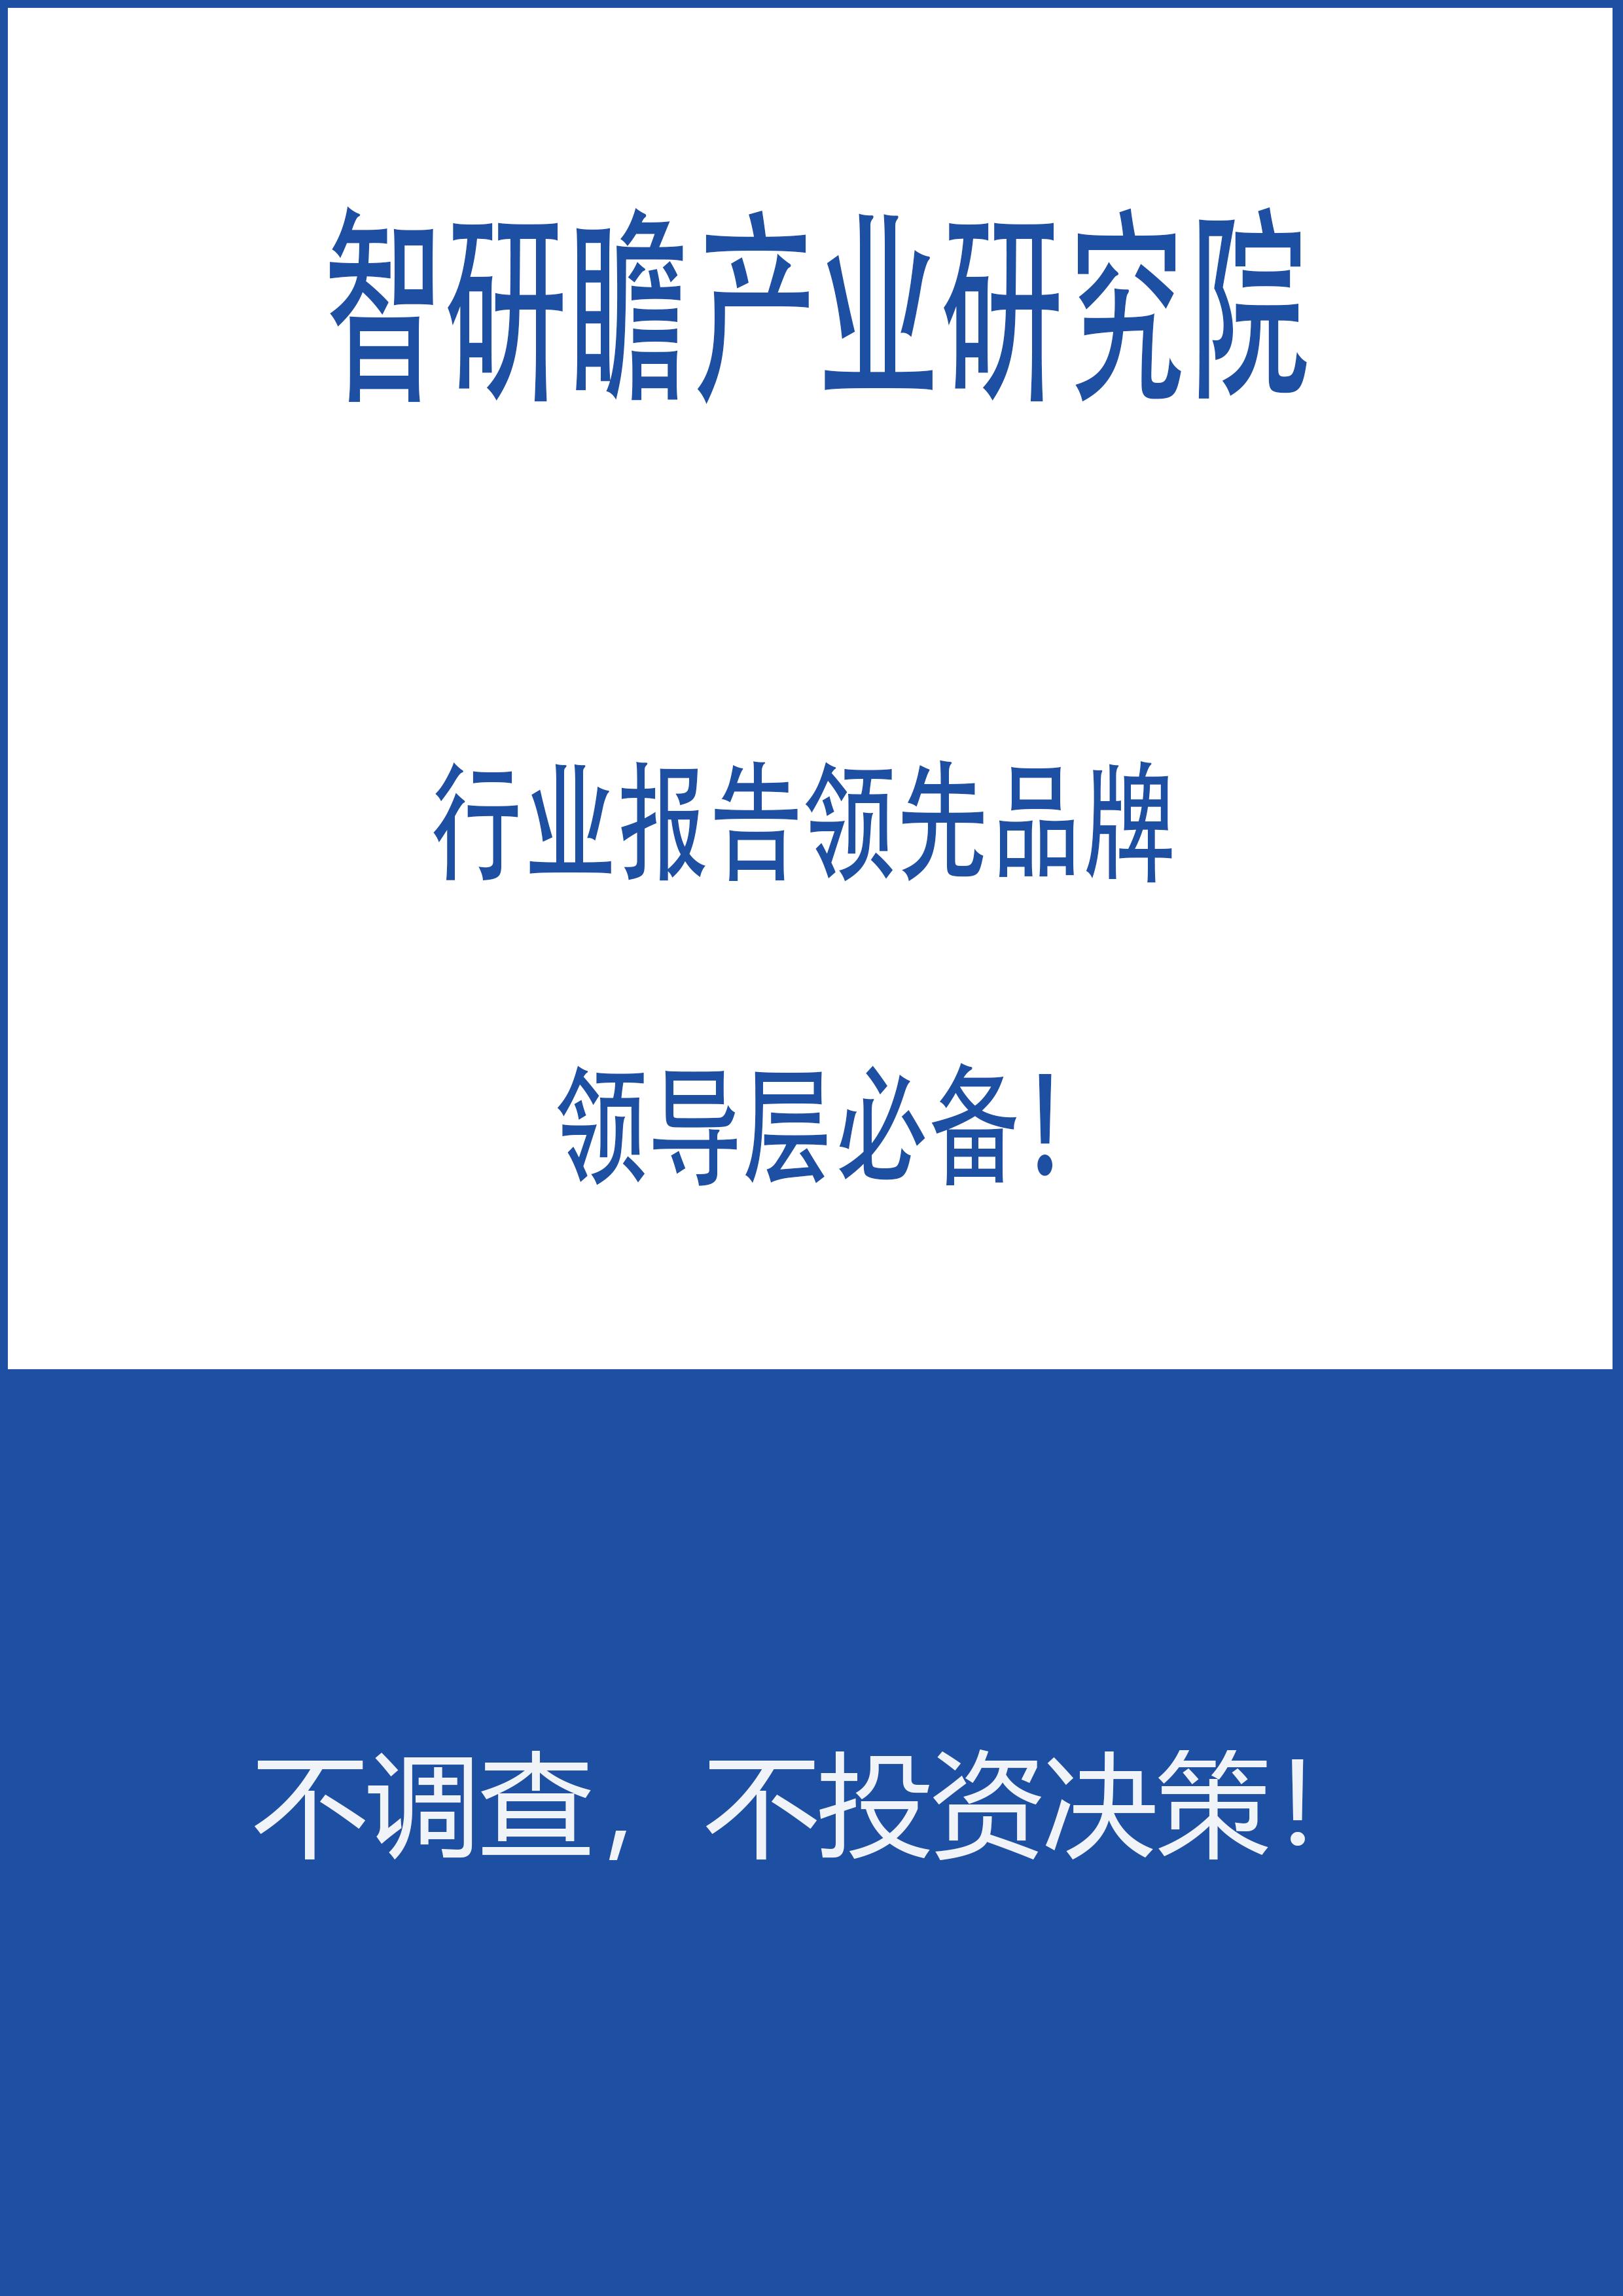 2021-2026年Xi医疗美容行业调研及前瞻性分析报告